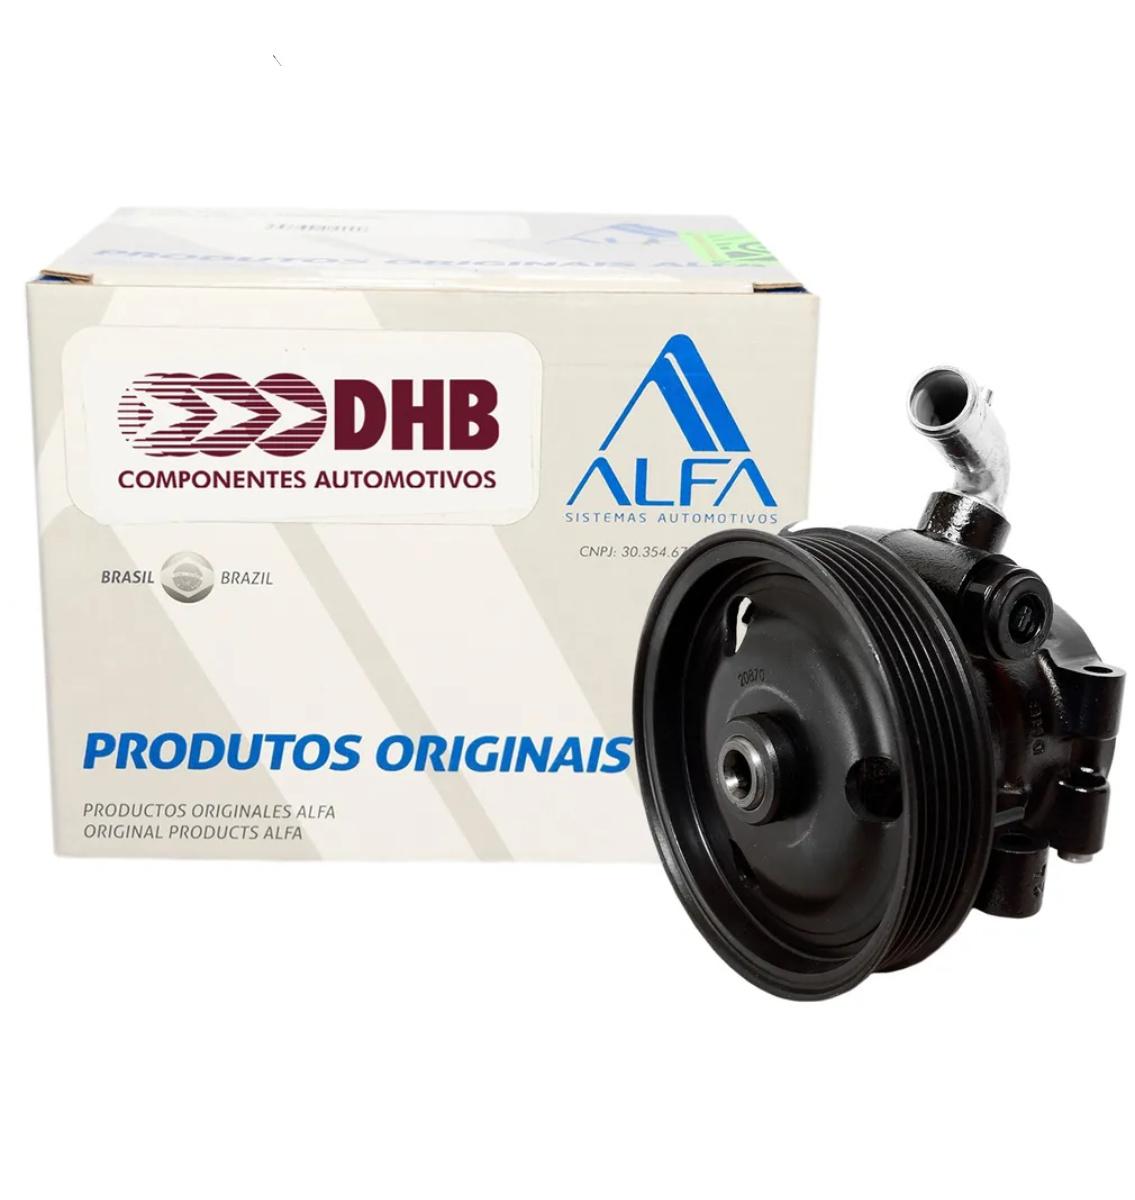 Bomba Direção Hidráulica DHB Focus 2.0 16v Duratec 2006...2008